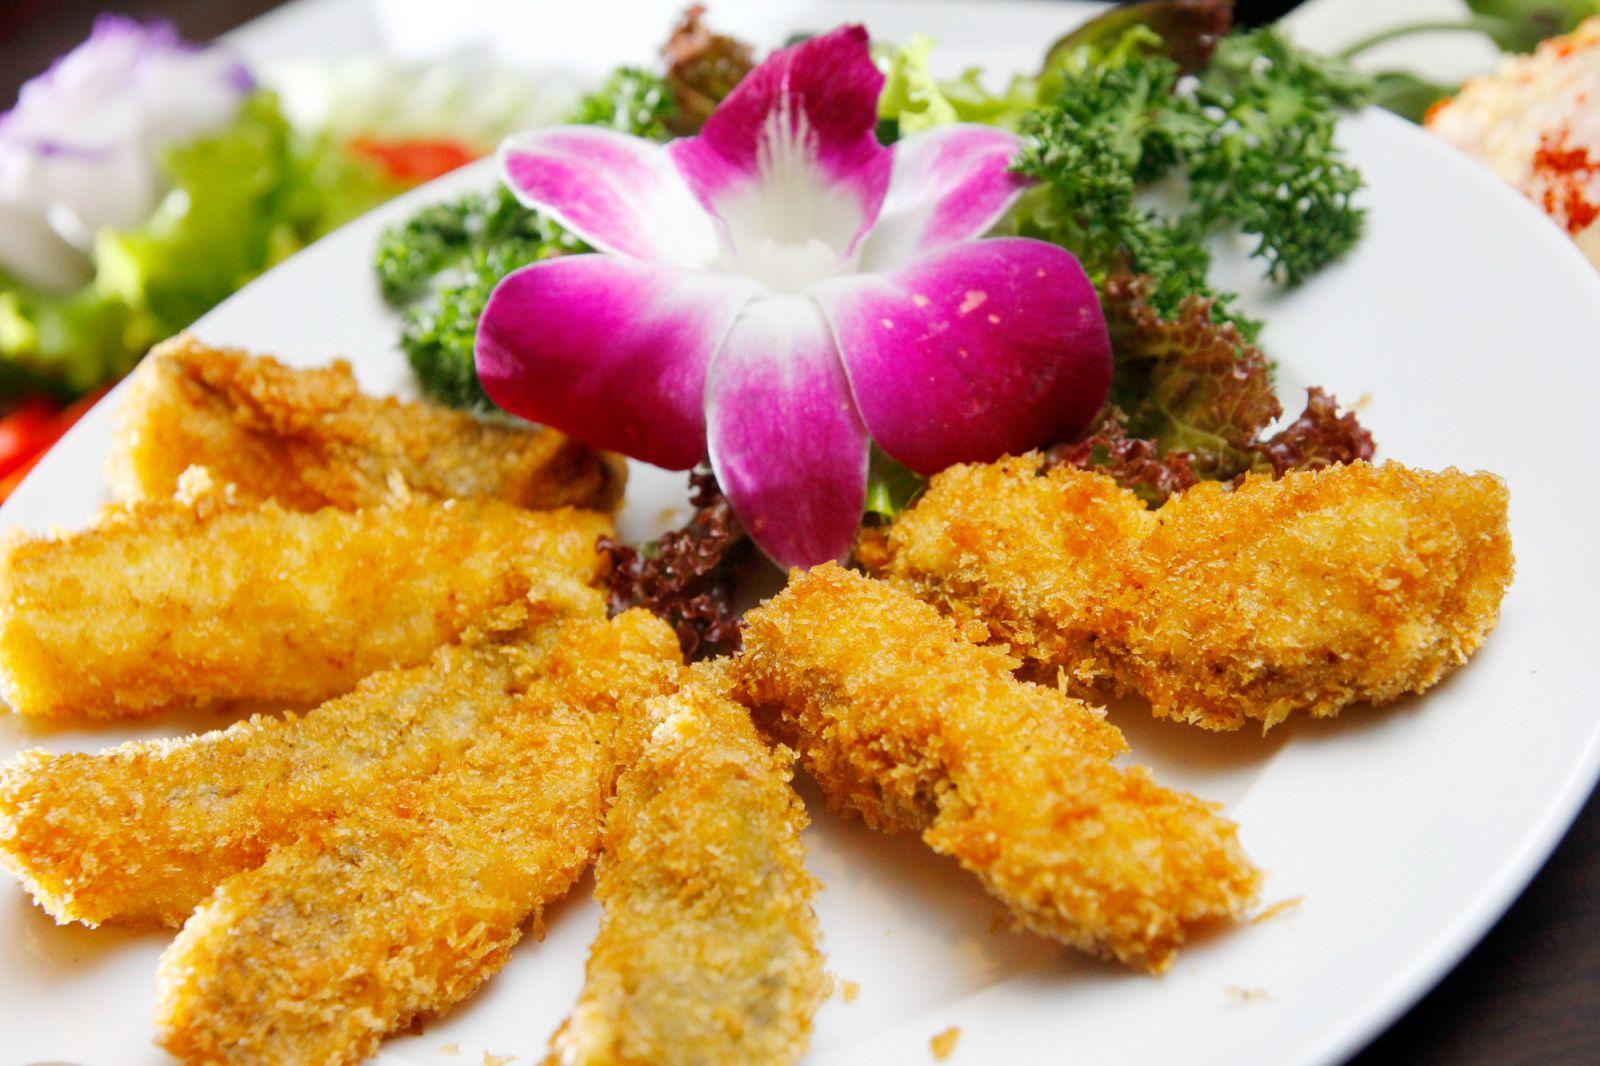 Nếu đã có ý định giảm cân thì tuyệt nhiên không nên dùng những loại thực phẩm này (P2)2